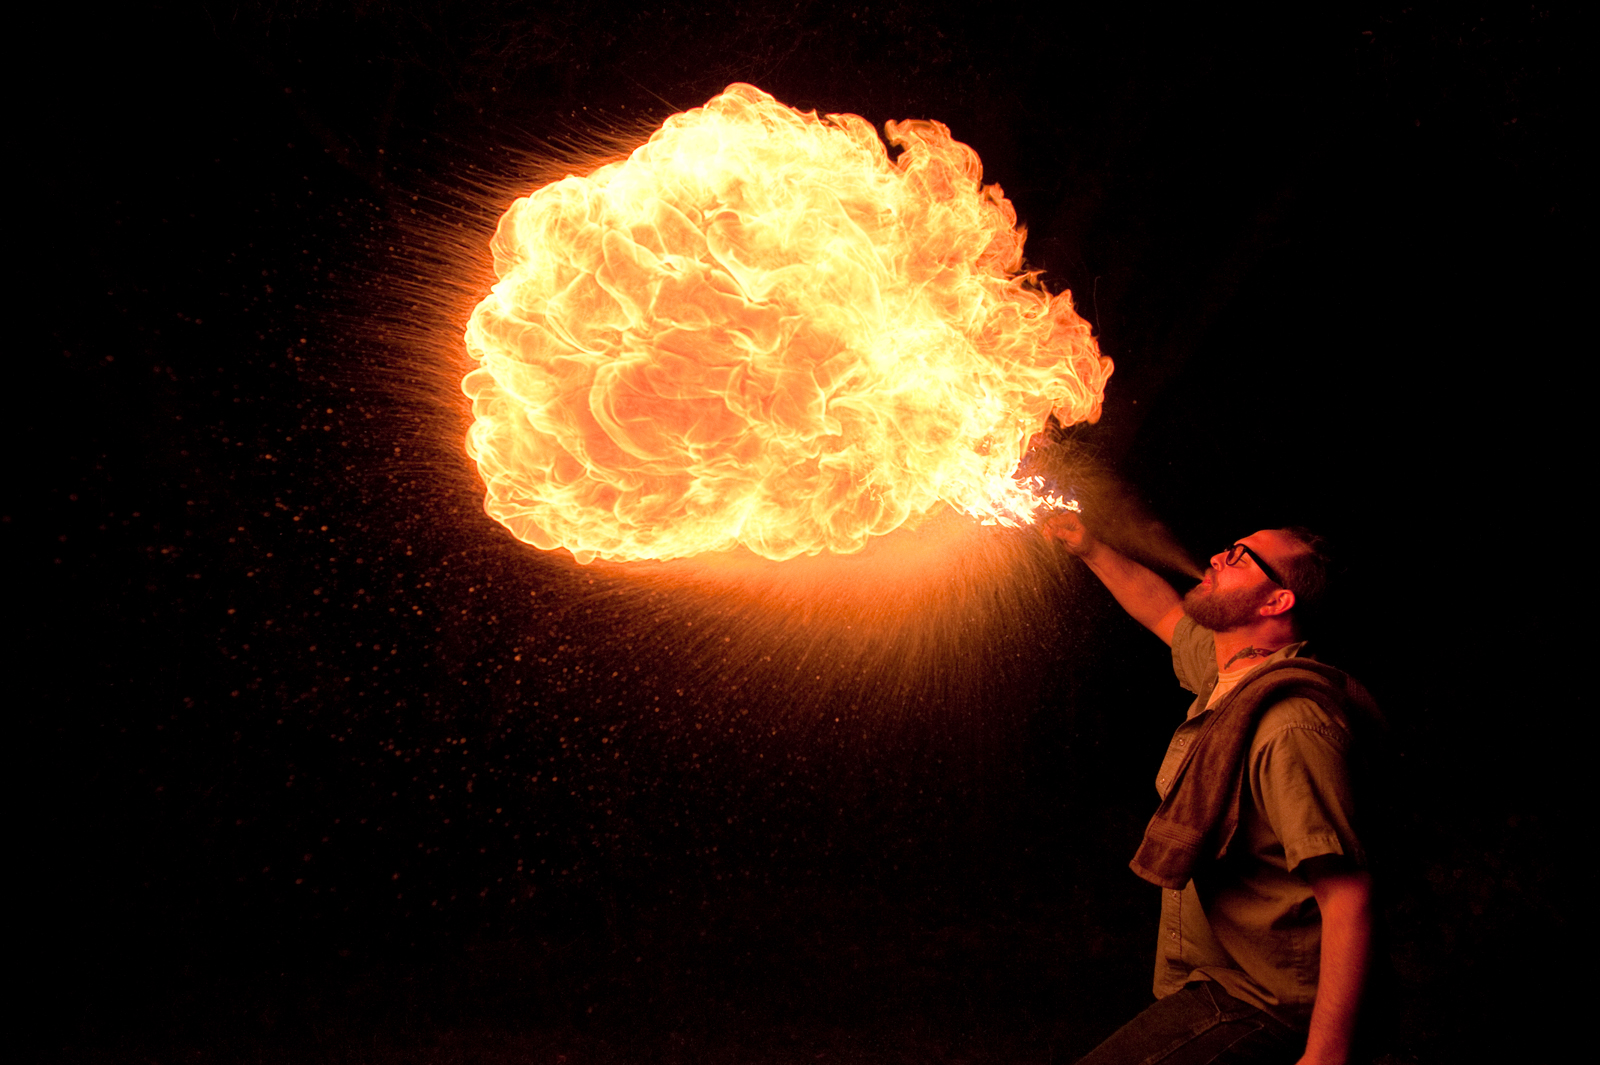 Brokvist_Mana-Fire_Rockabilly-28.jpg